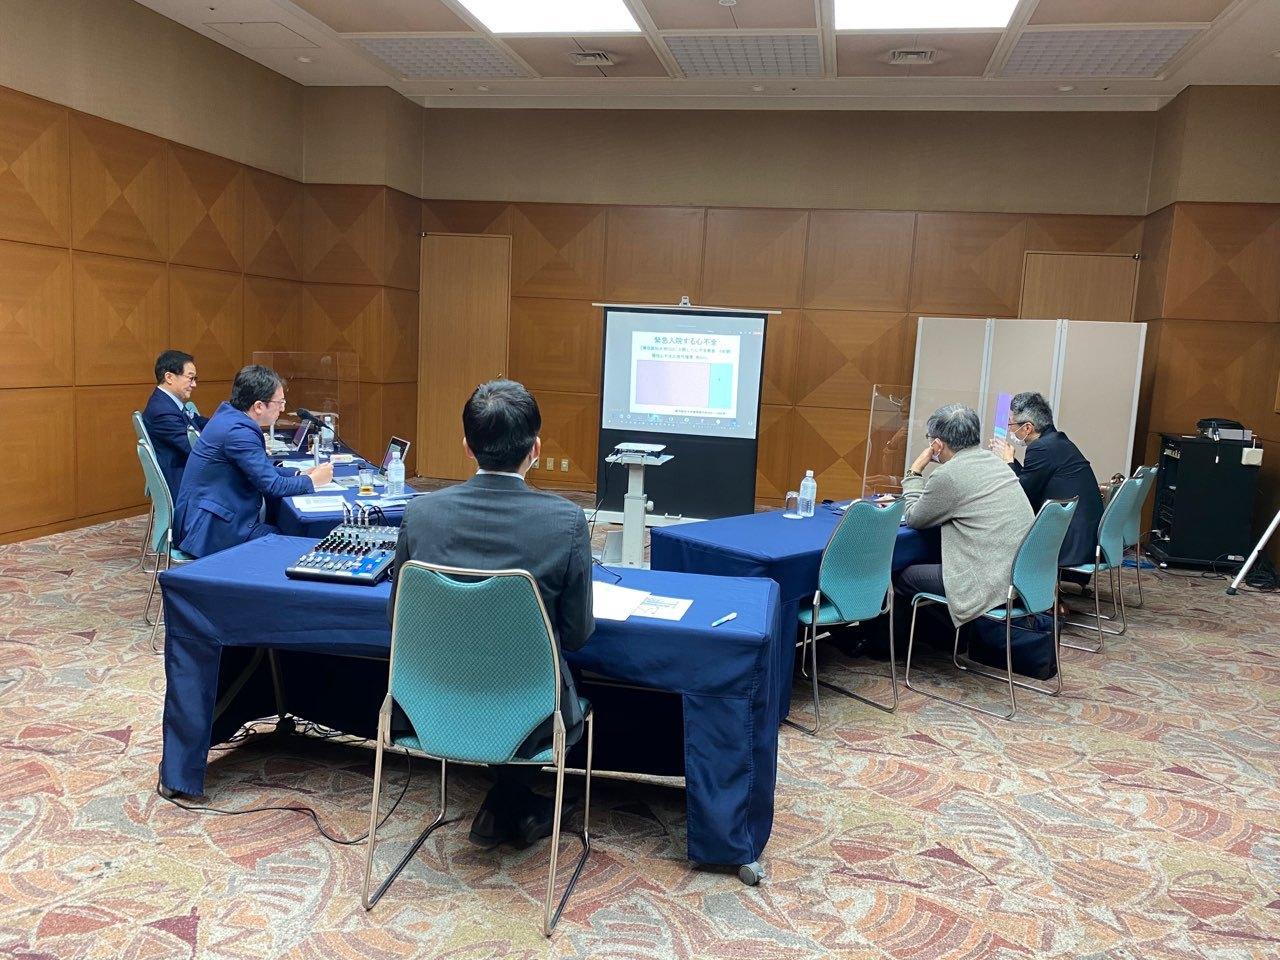 Heart Failure Web Seminar_a0152501_13574486.jpg